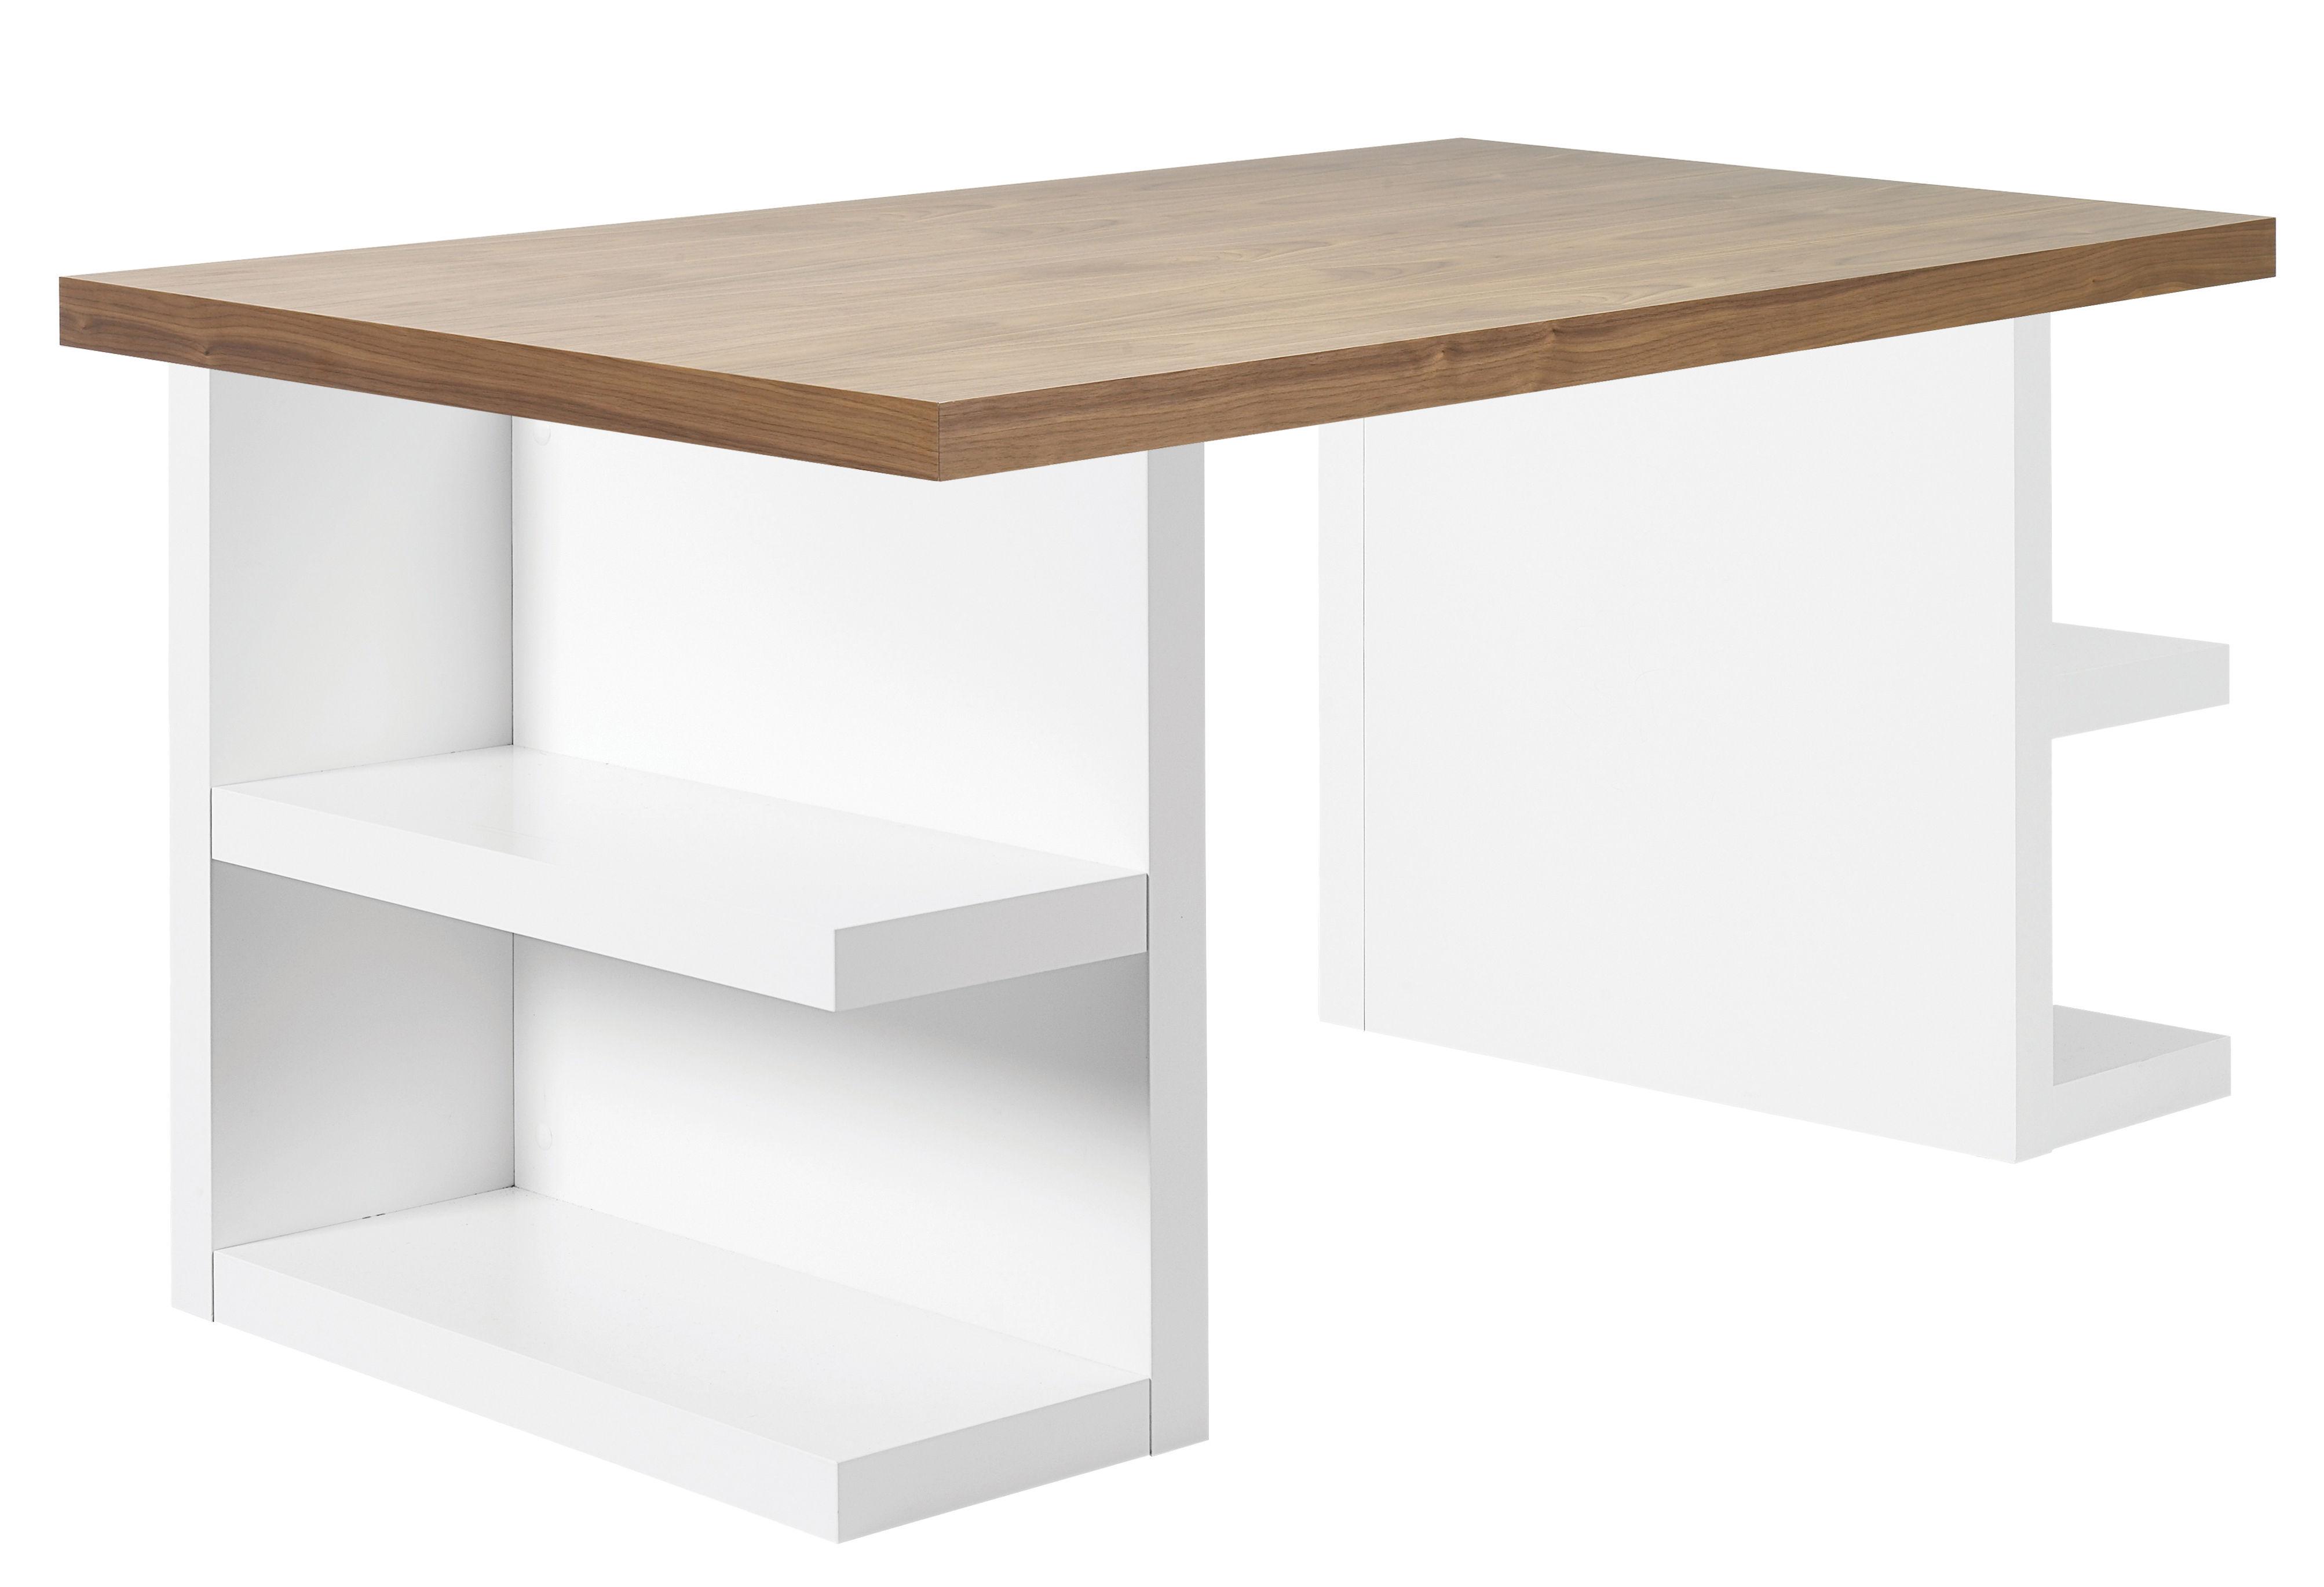 Scrivania buttress di pop up home bianco legno naturale for Scaffale da scrivania